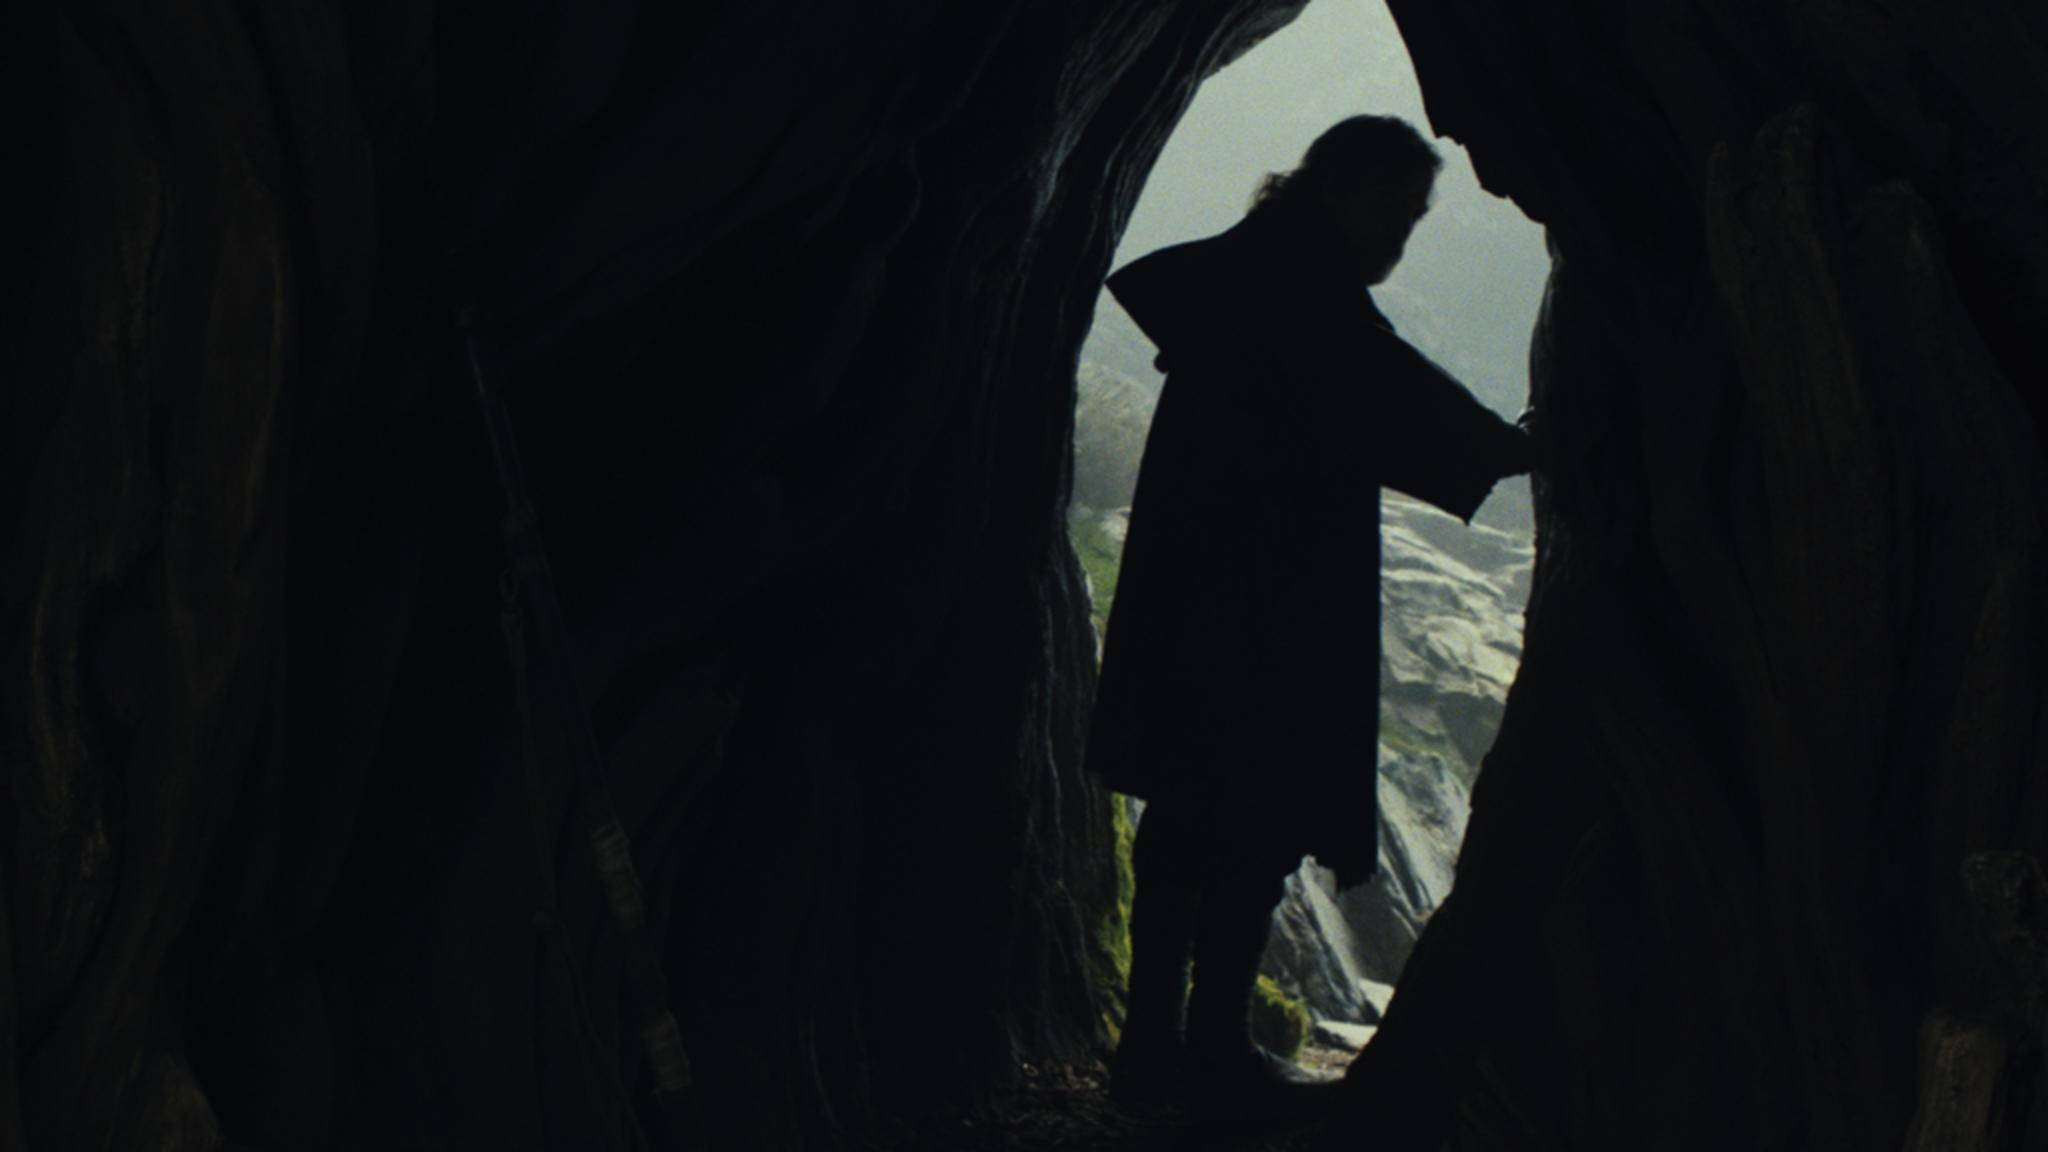 Luke lebt von allen anderen abgeschottetauf dem Planeten Ahch-To. Eine Erklärung für diesen Schritt wäre sicherlich für alle Fans wünschenswert.